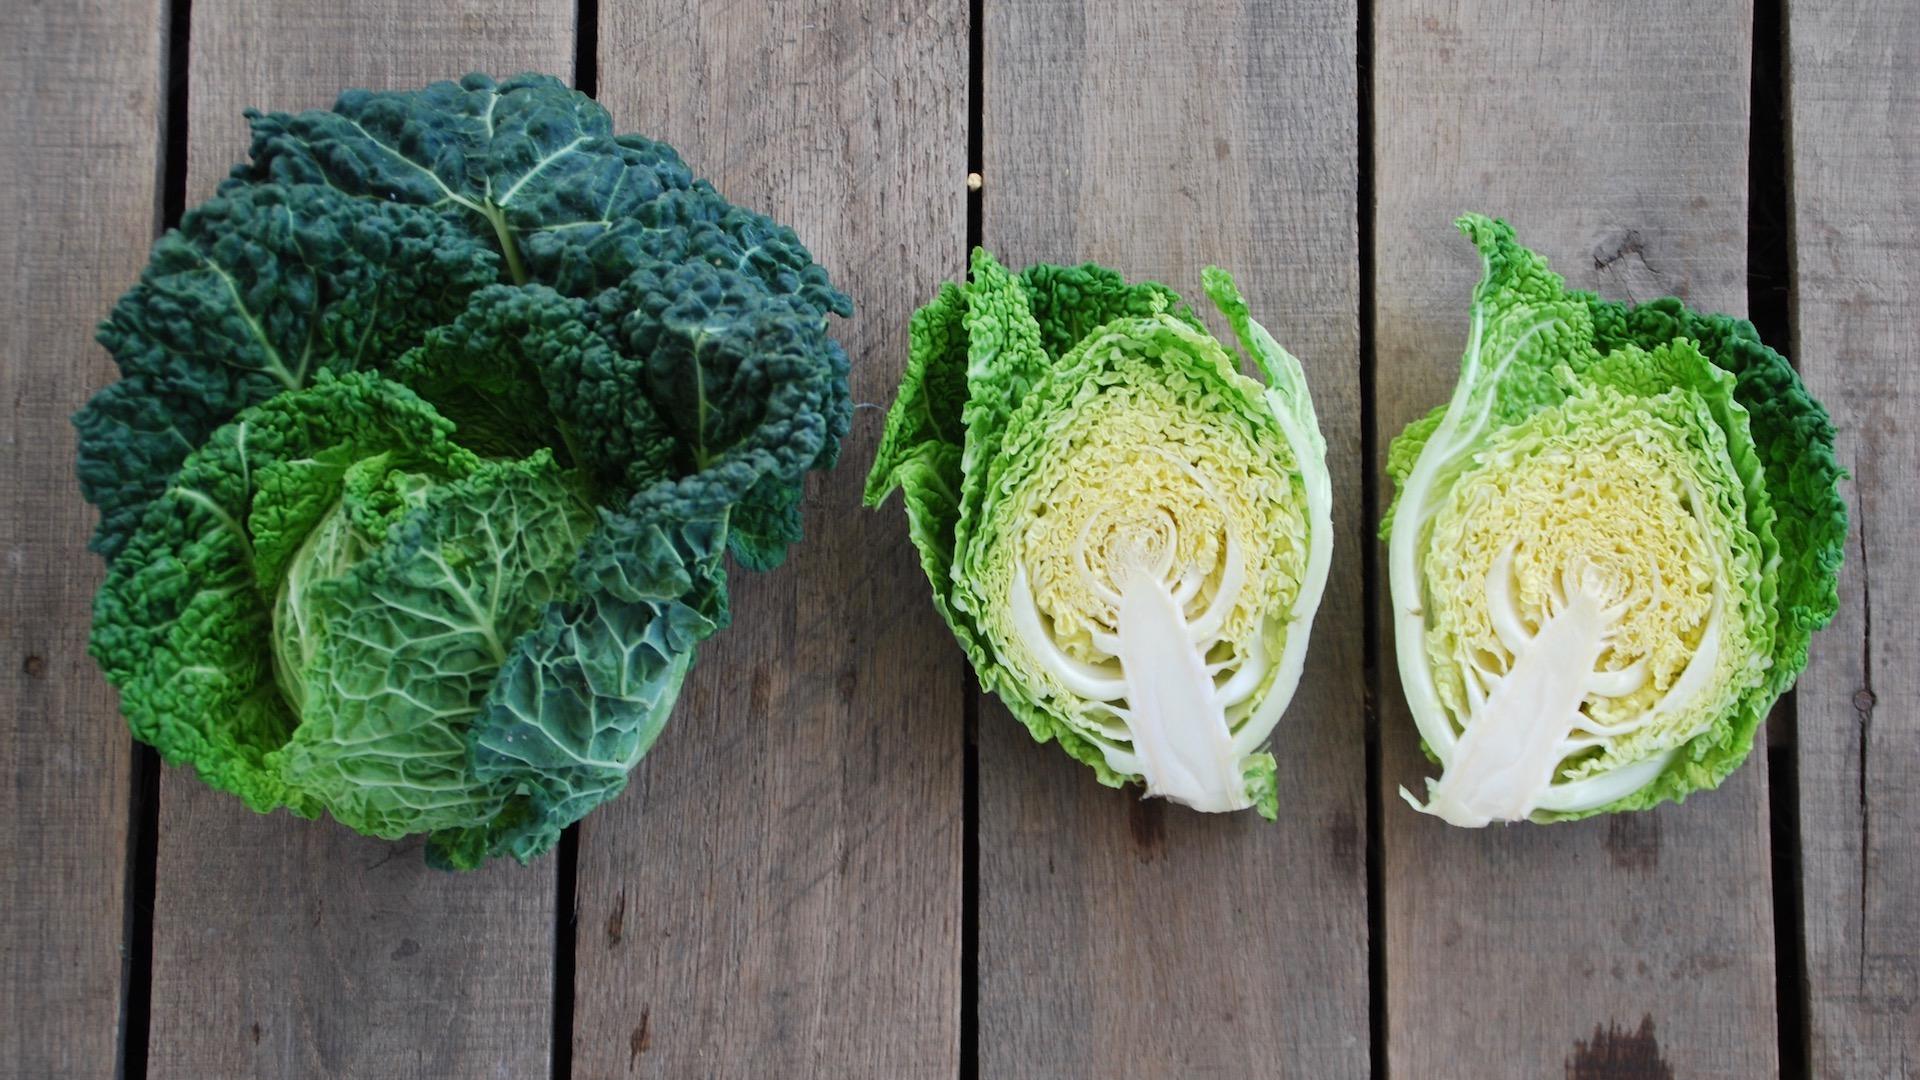 Come utilizzare gli scarti vegetali in cucina - Riciblog